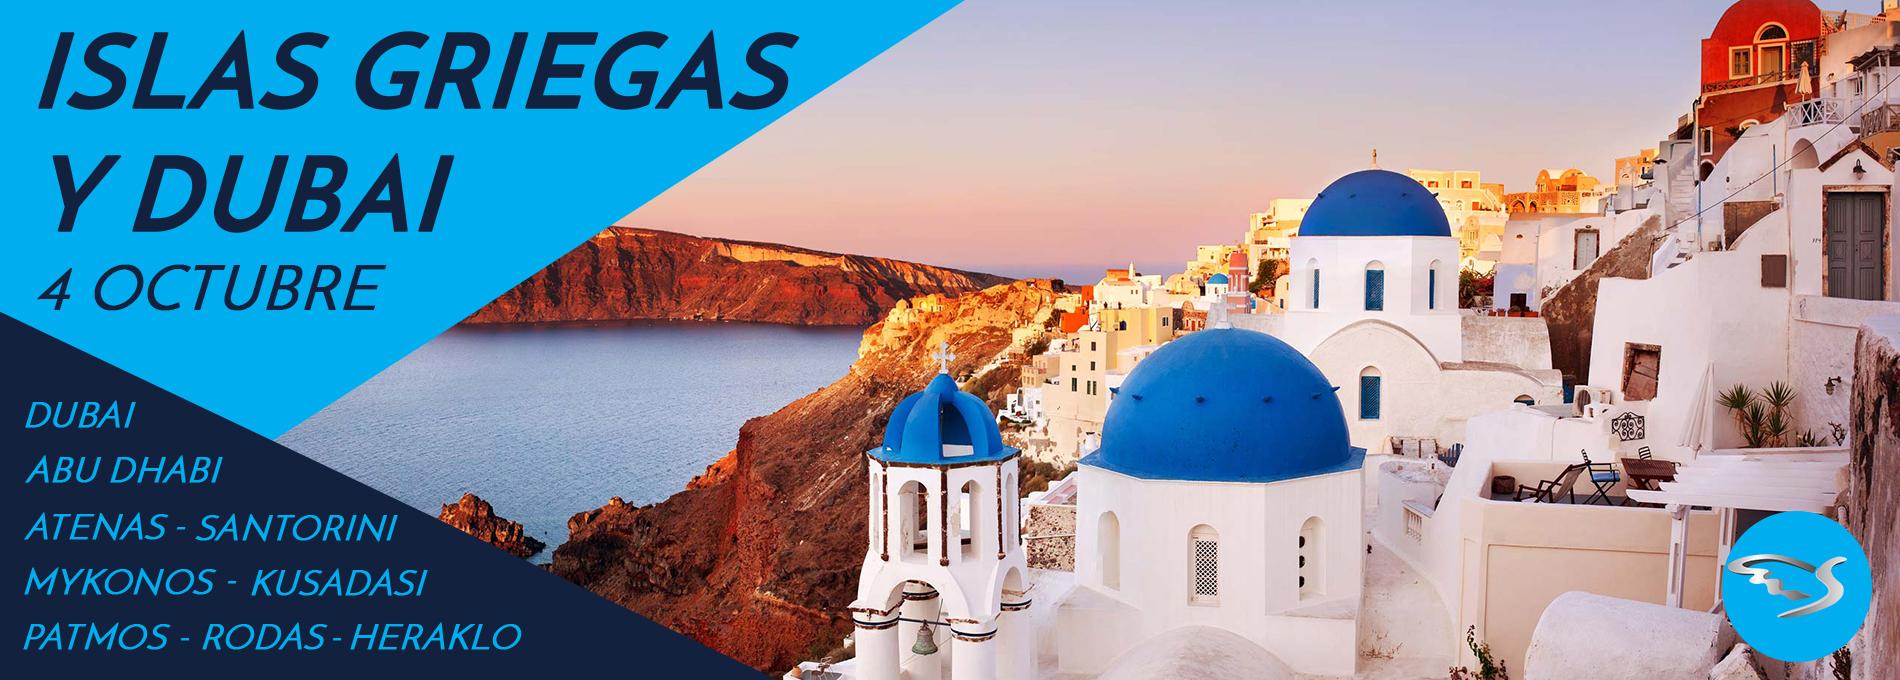 Islas de Grecia y Dubai